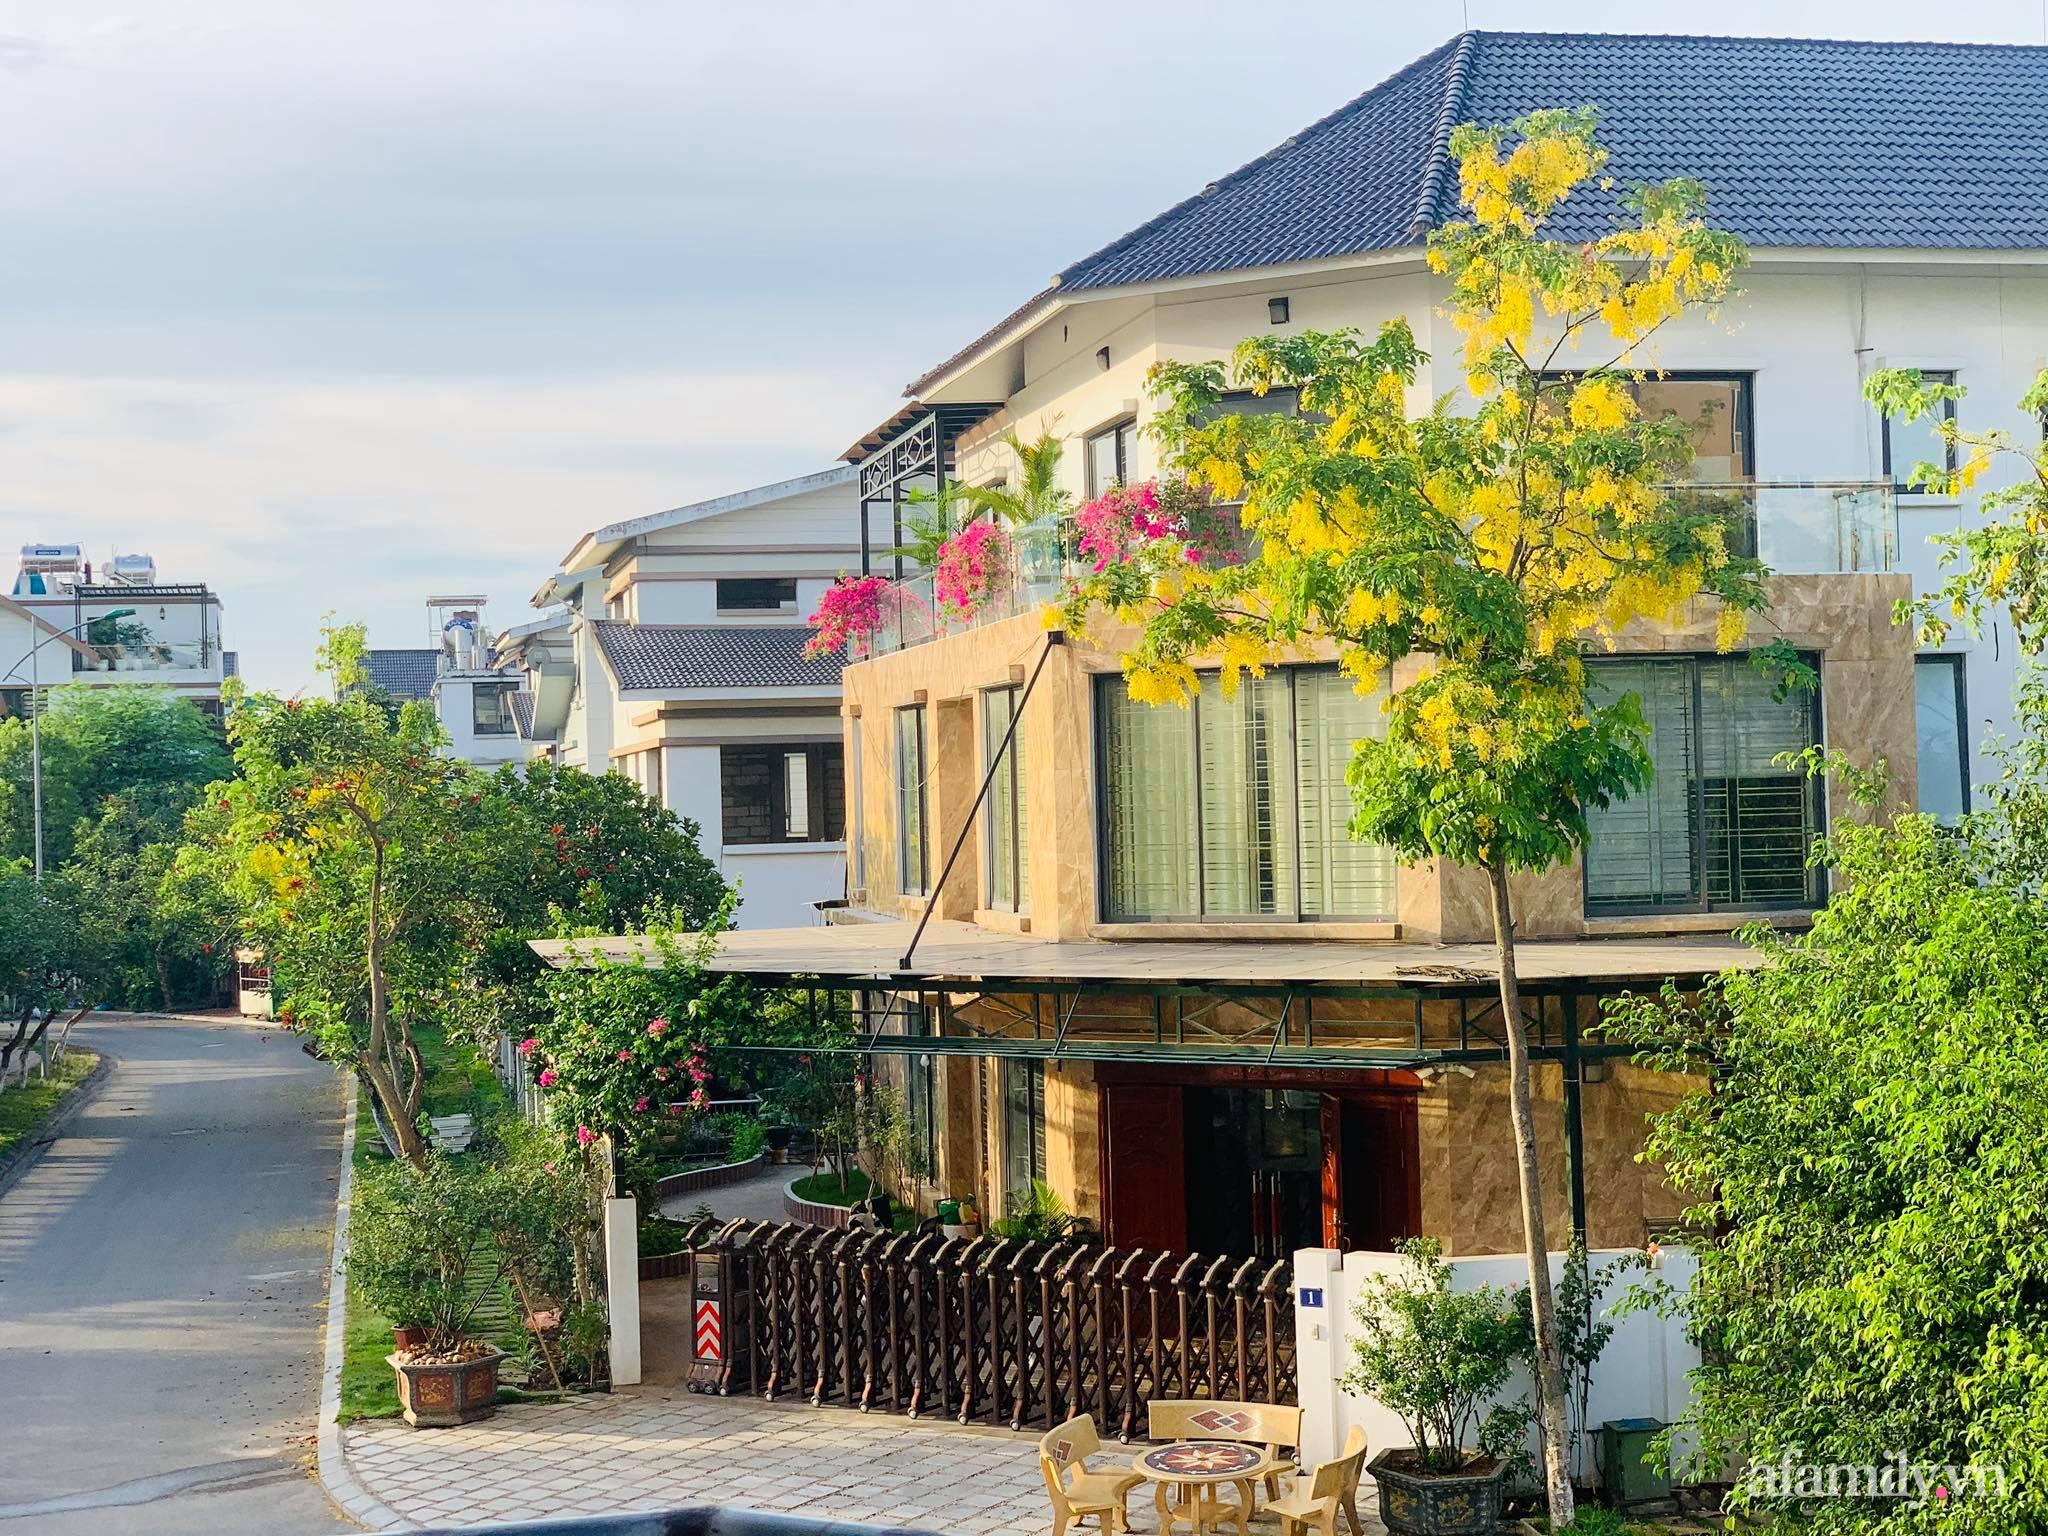 Ngôi nhà quanh năm rực rỡ sắc hương hoa hồng và đủ loại cây ăn quả ở Hà Nội - Ảnh 2.